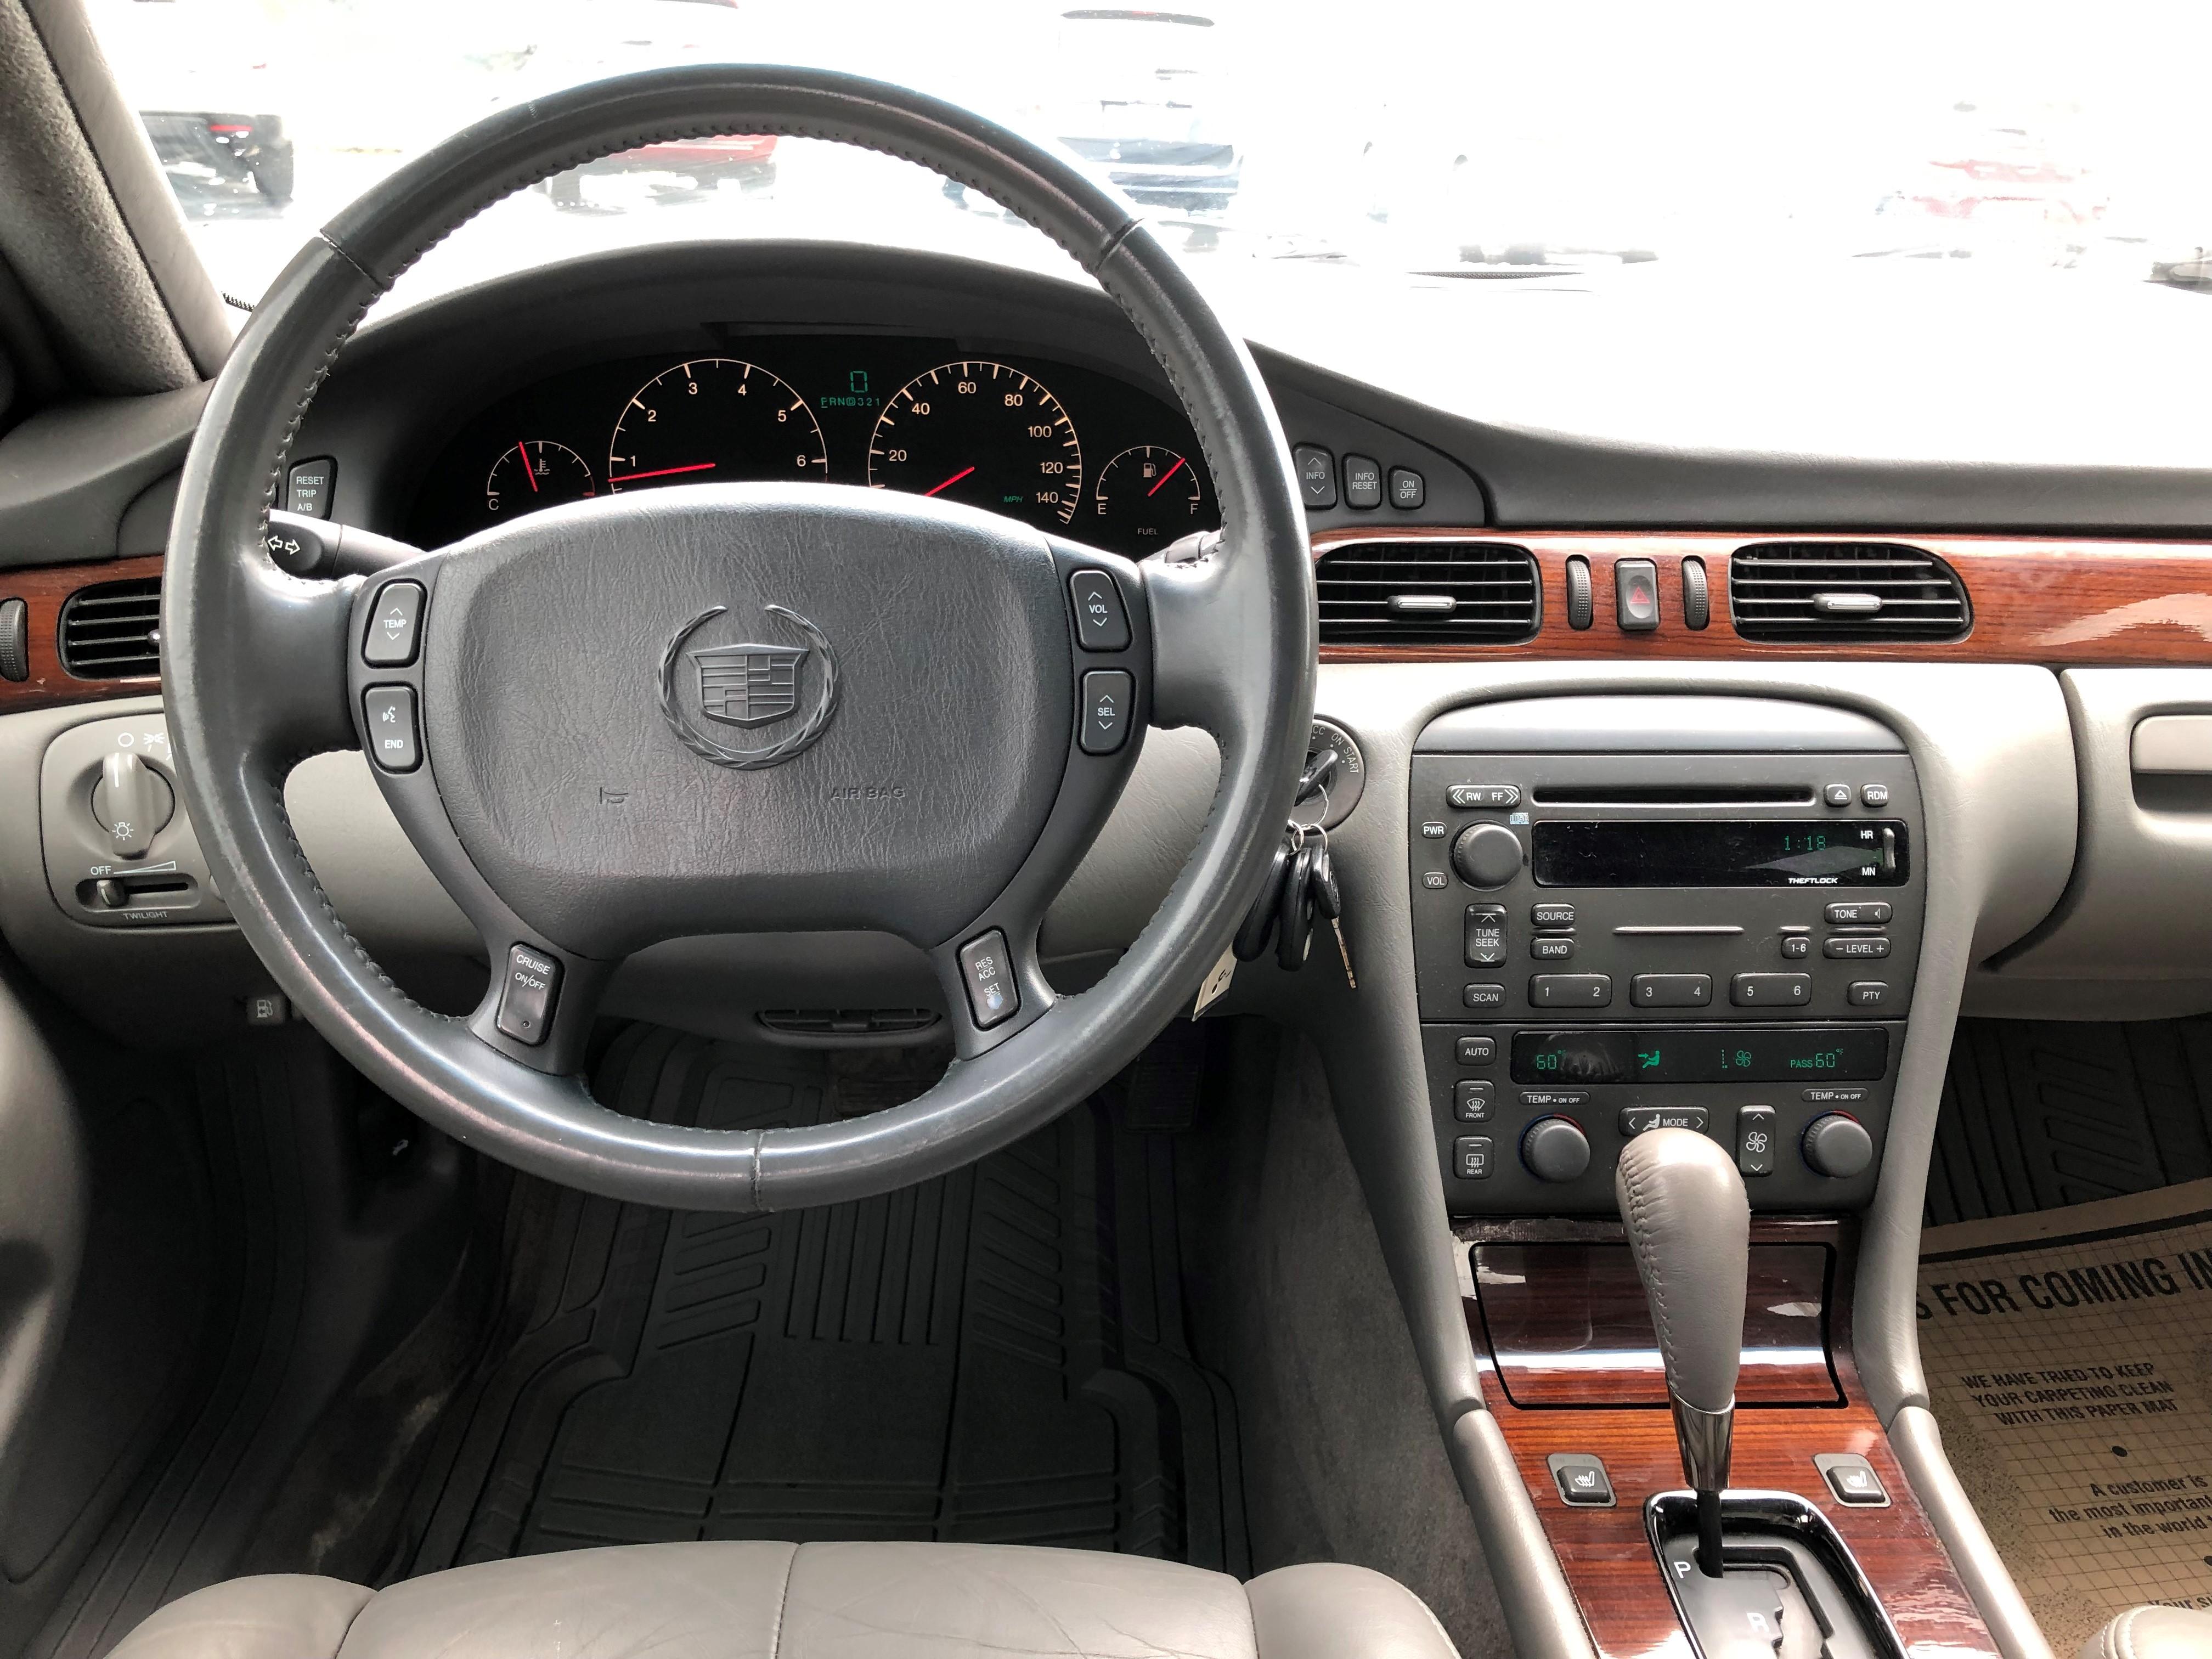 used vehicle - Sedan CADILLAC SEVILLE 2004